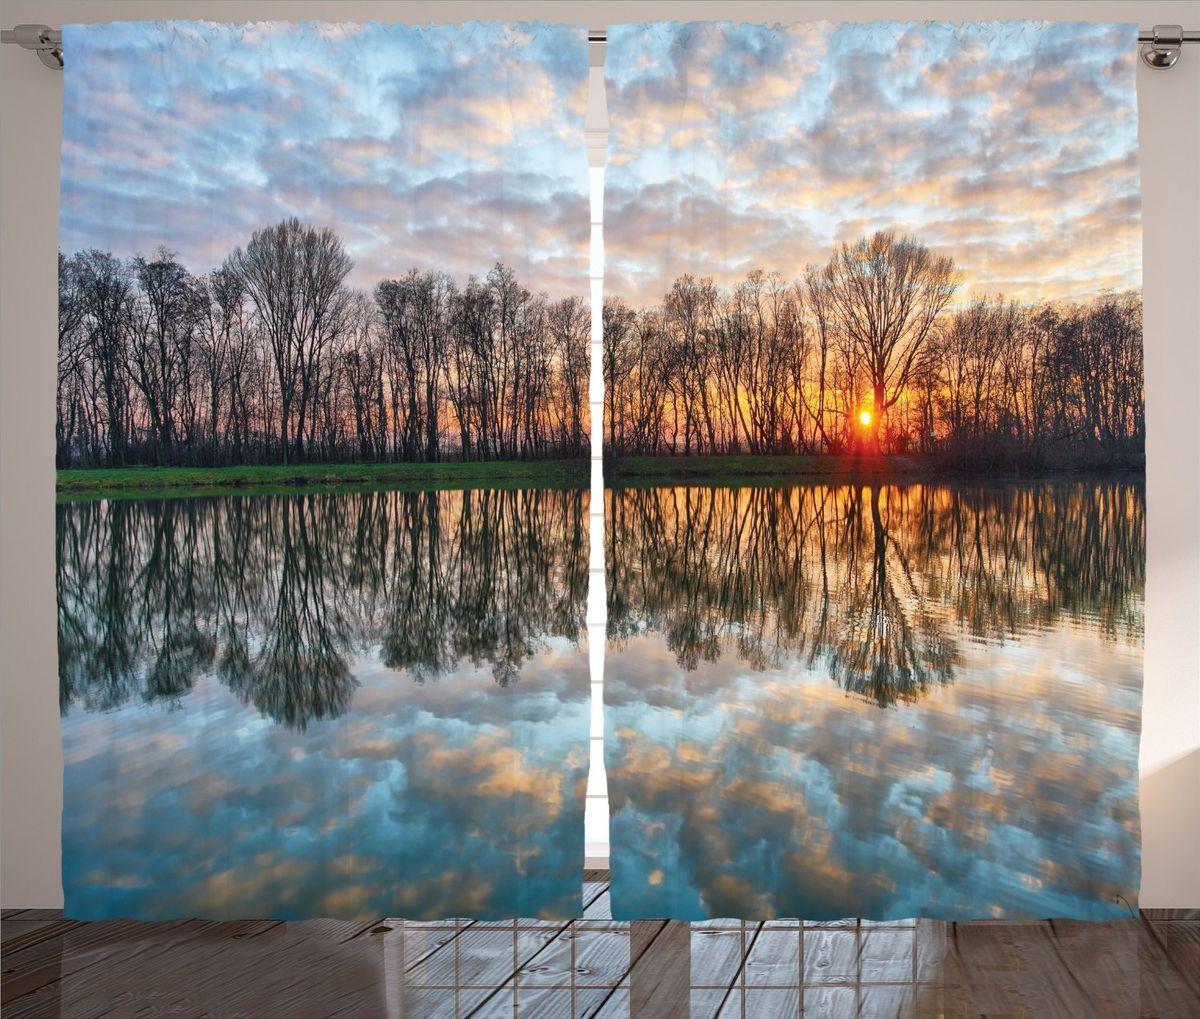 Комплект фотоштор Magic Lady Закат на весенней реке, на ленте, высота 265 см фотошторы magic lady плотные фотошторы две хамсы 290 265 см